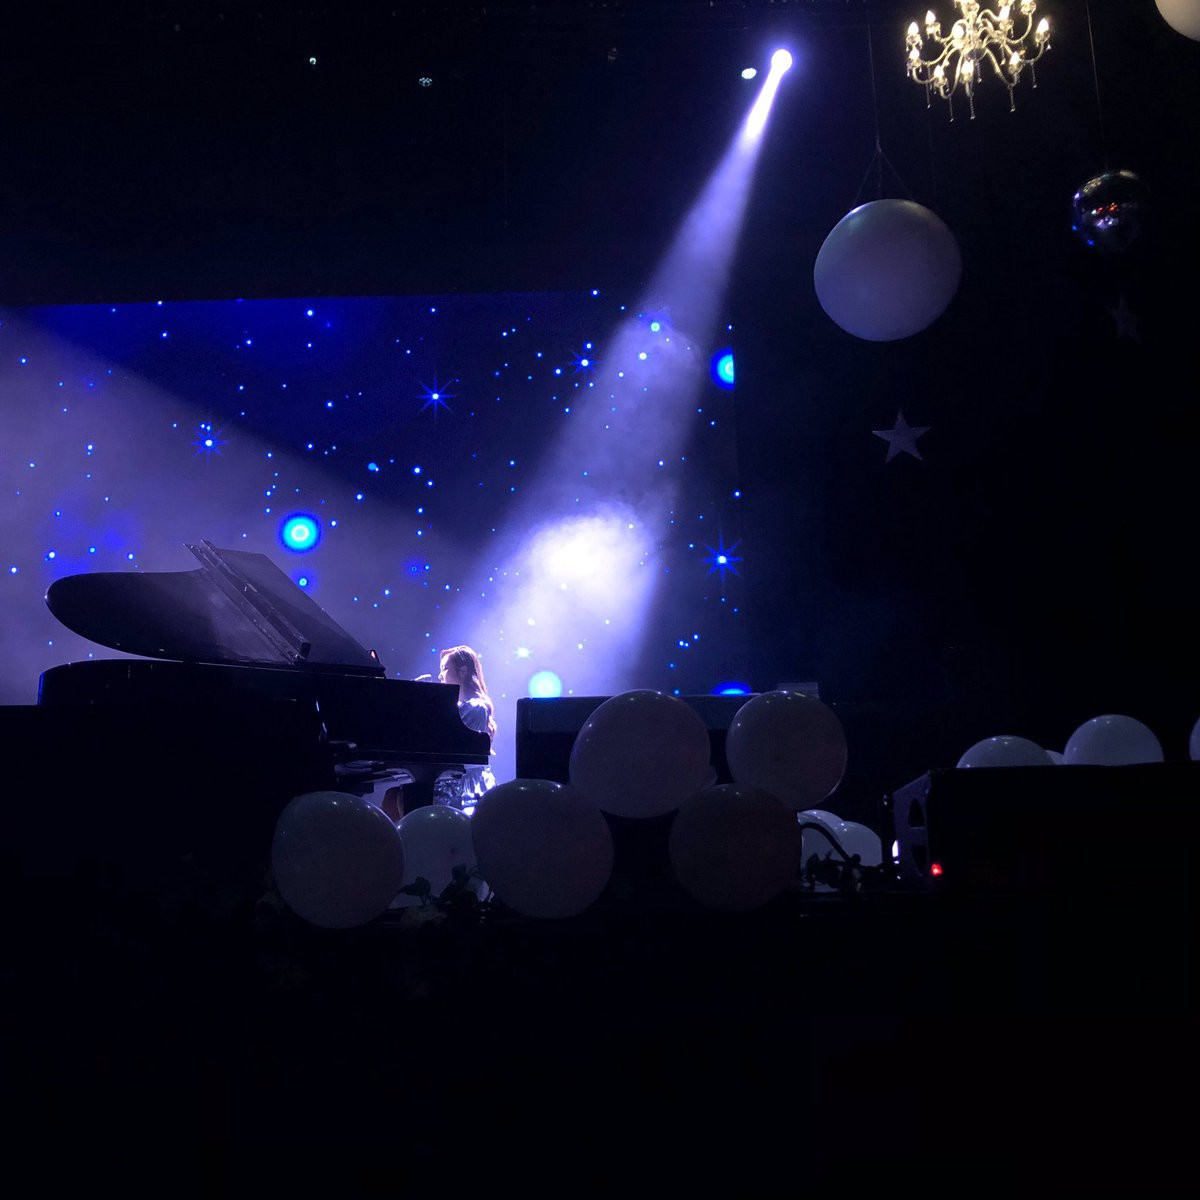 Fan sụt sùi khi Jessica bất ngờ diễn lại ca khúc từng gây sốt trong concert của SNSD sau 8 năm - Ảnh 3.